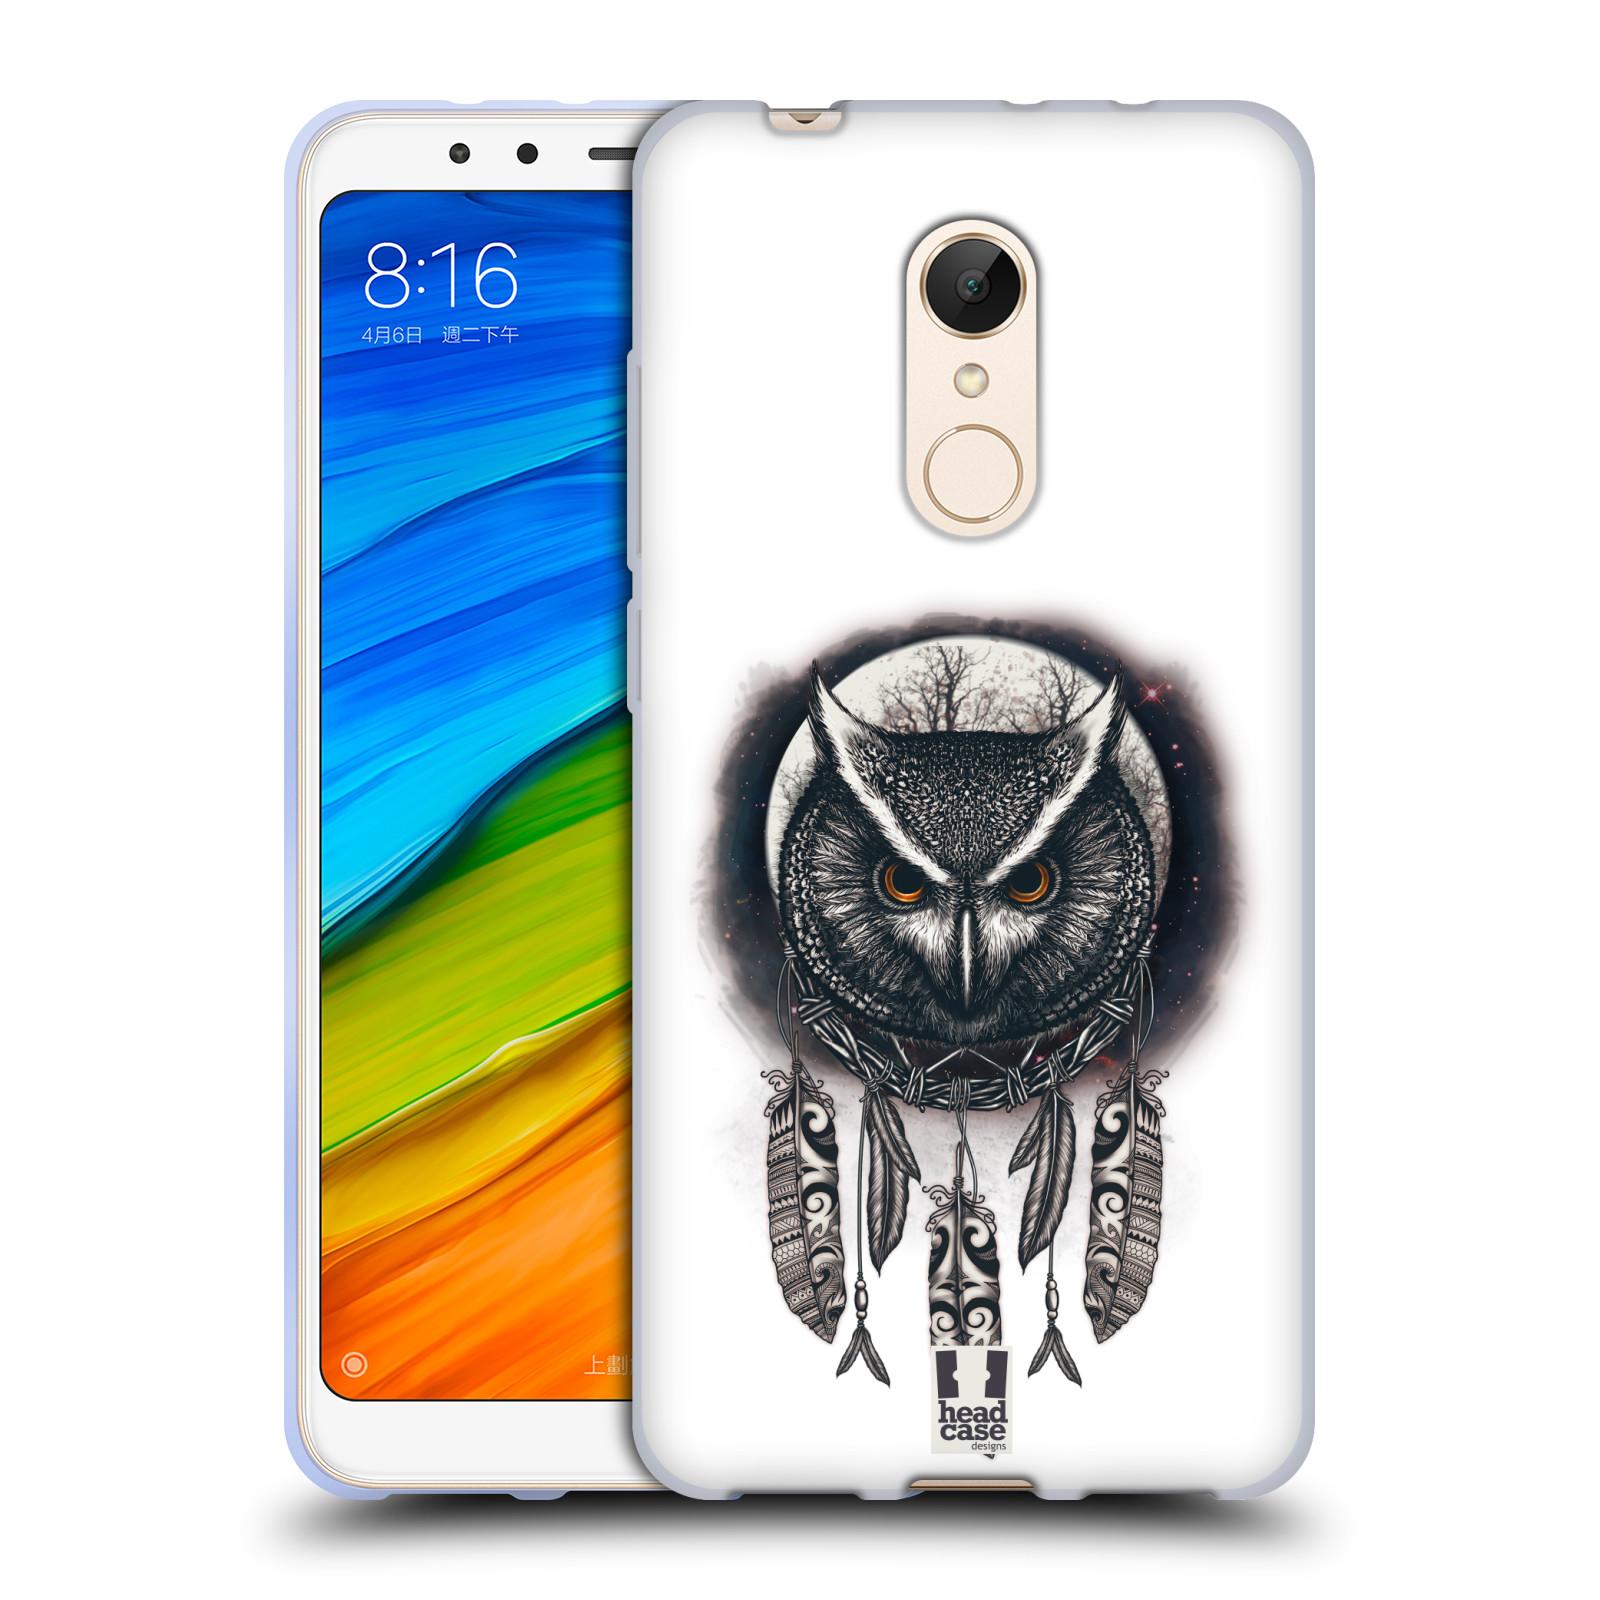 Silikonové pouzdro na mobil Xiaomi Redmi 5 - Head Case - Soví lapač